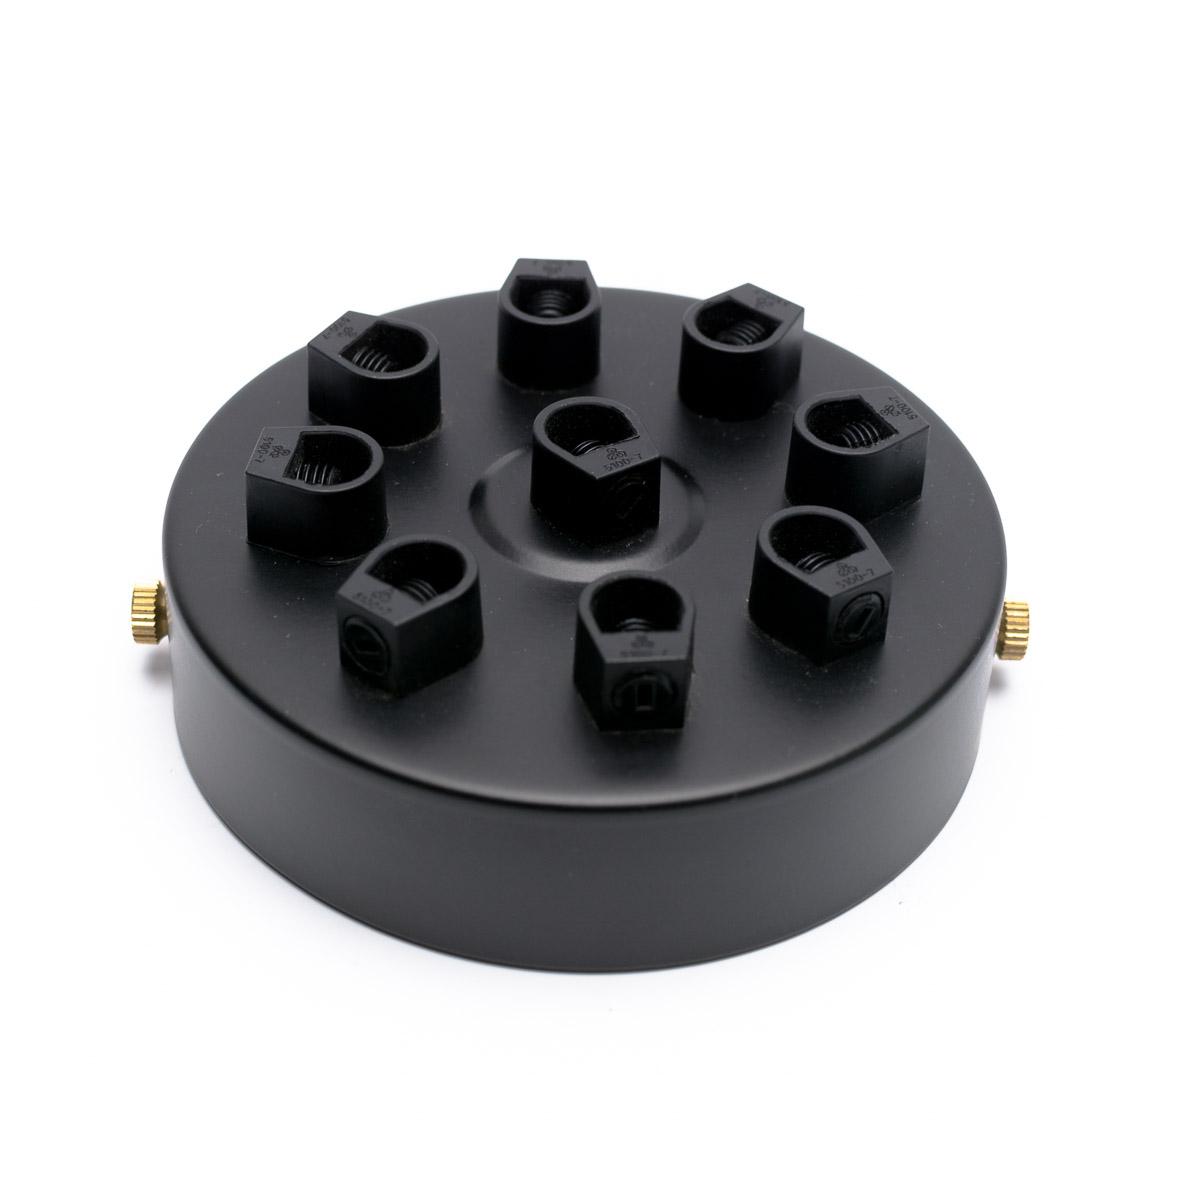 Потолочный крепеж стальной 9 выходов черный